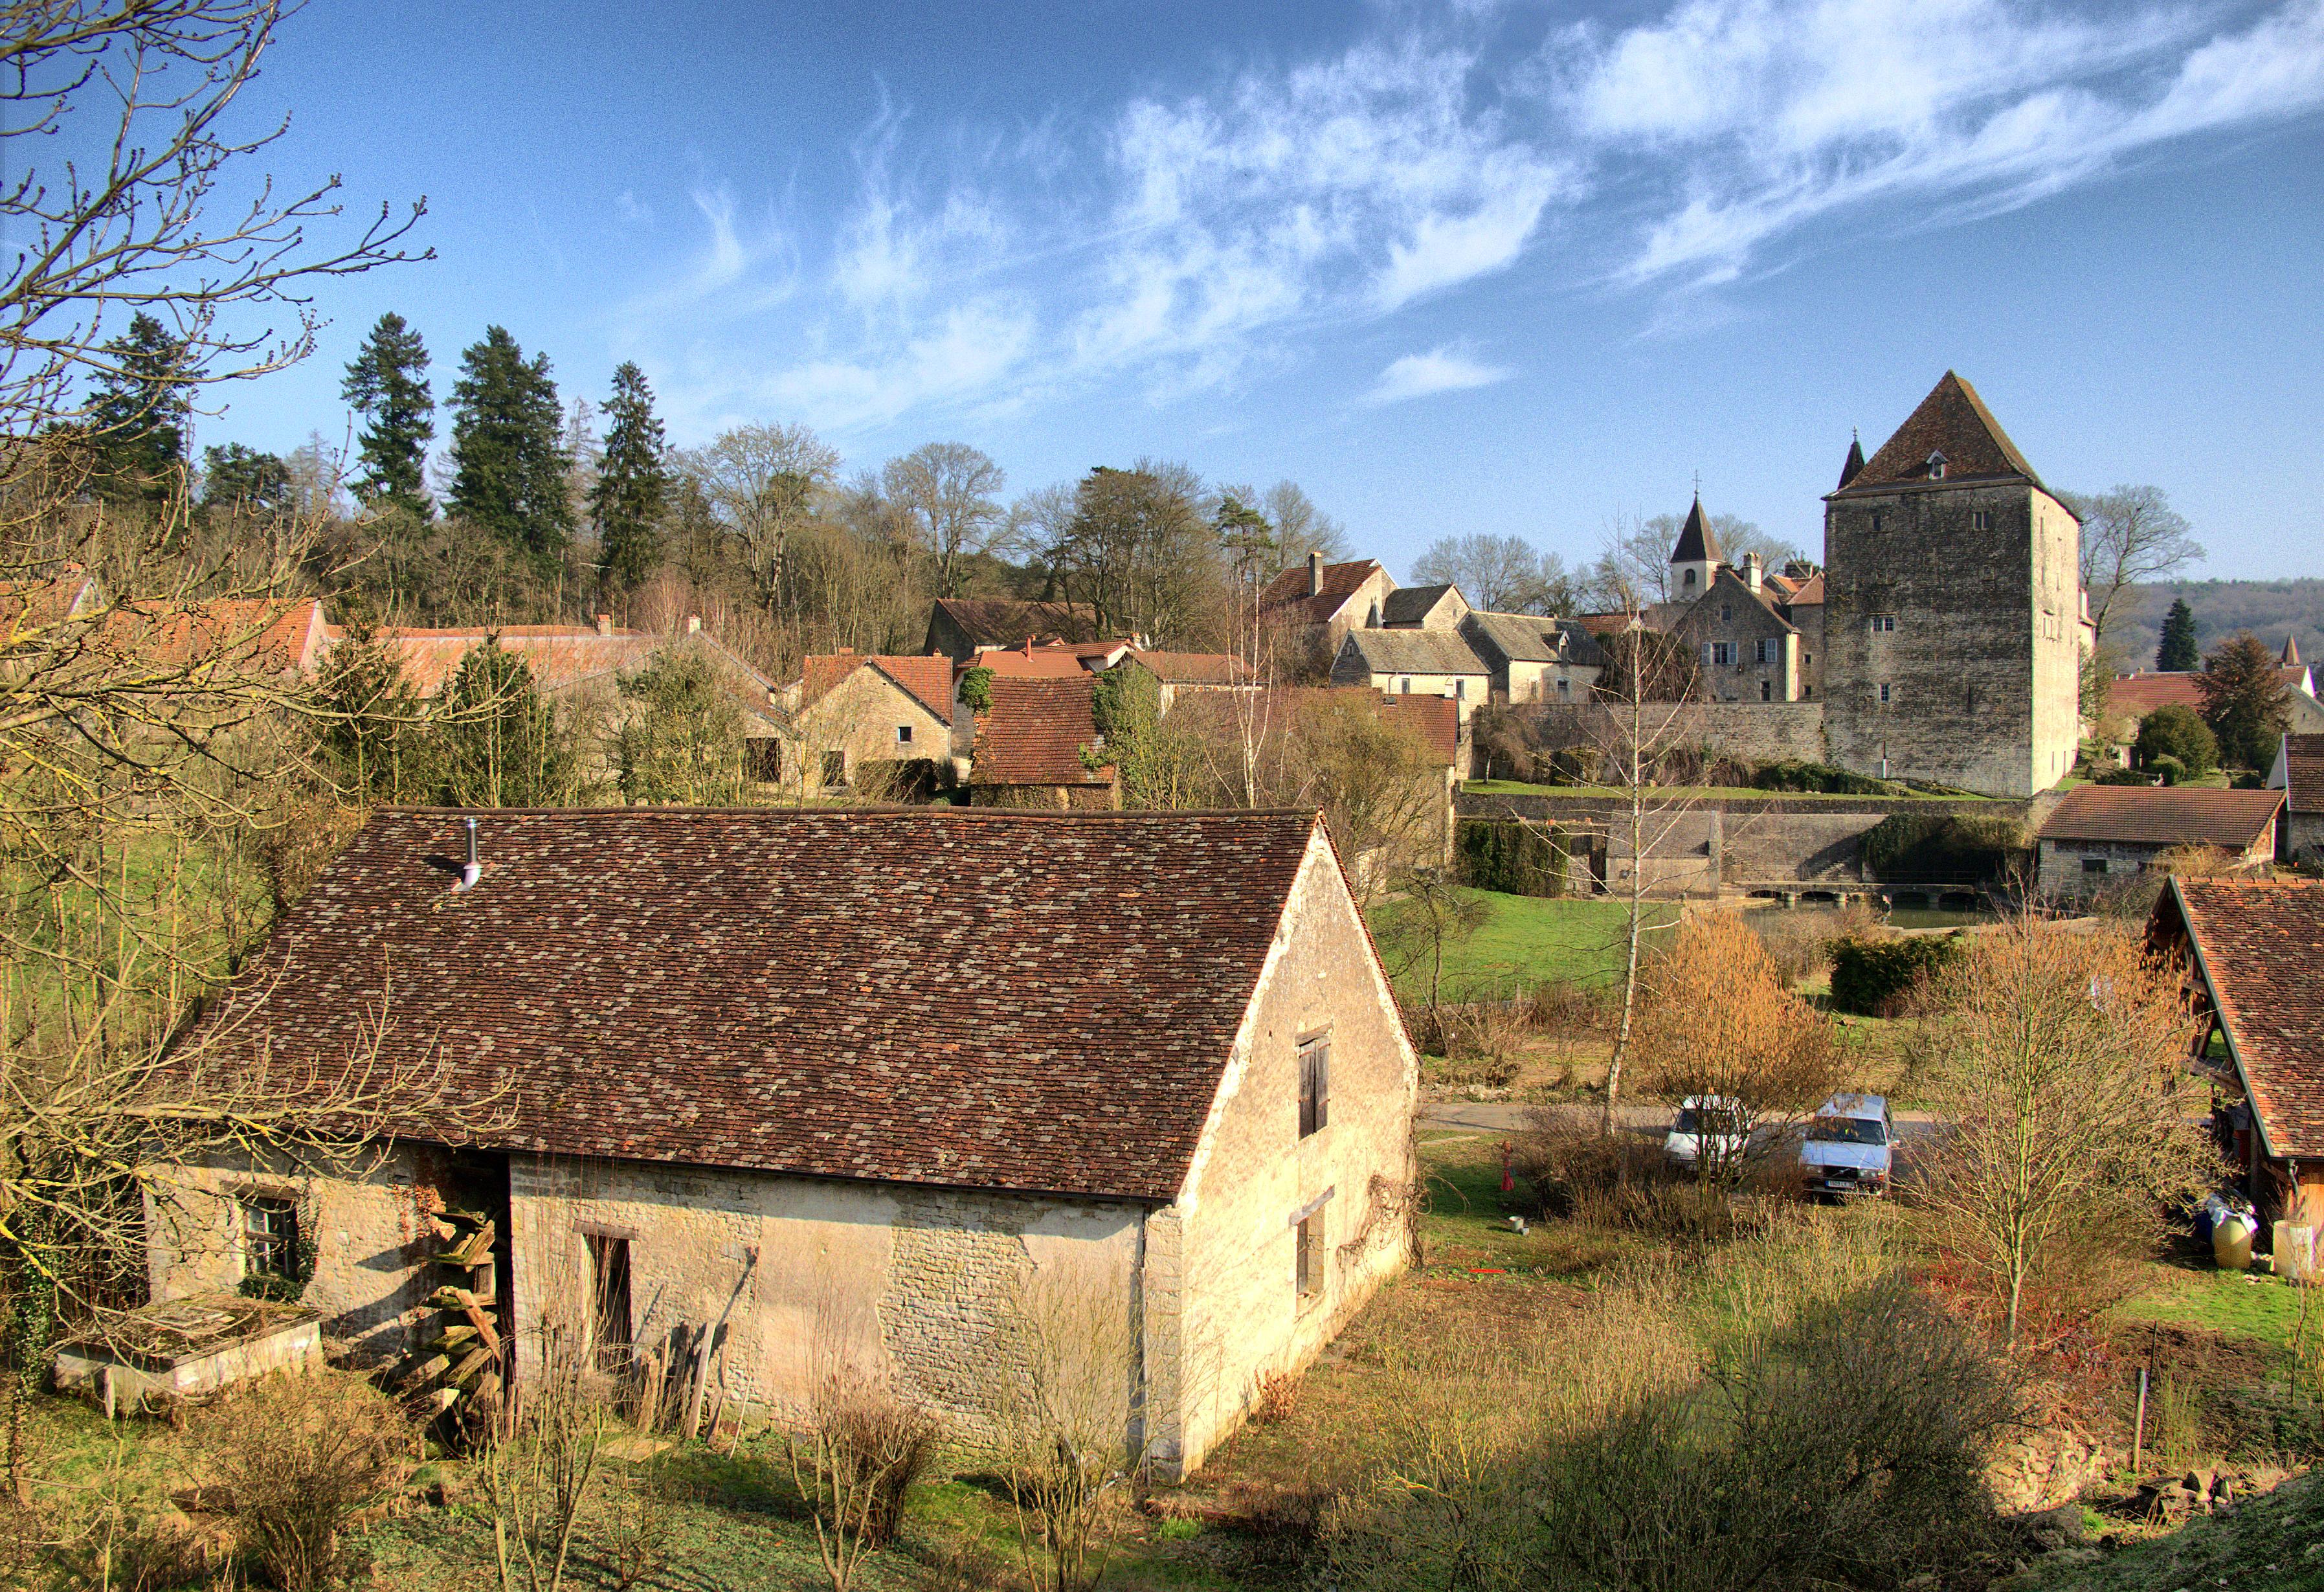 Fondremand - Huilerie-moulin avec sa roue  a aubes au premier plan